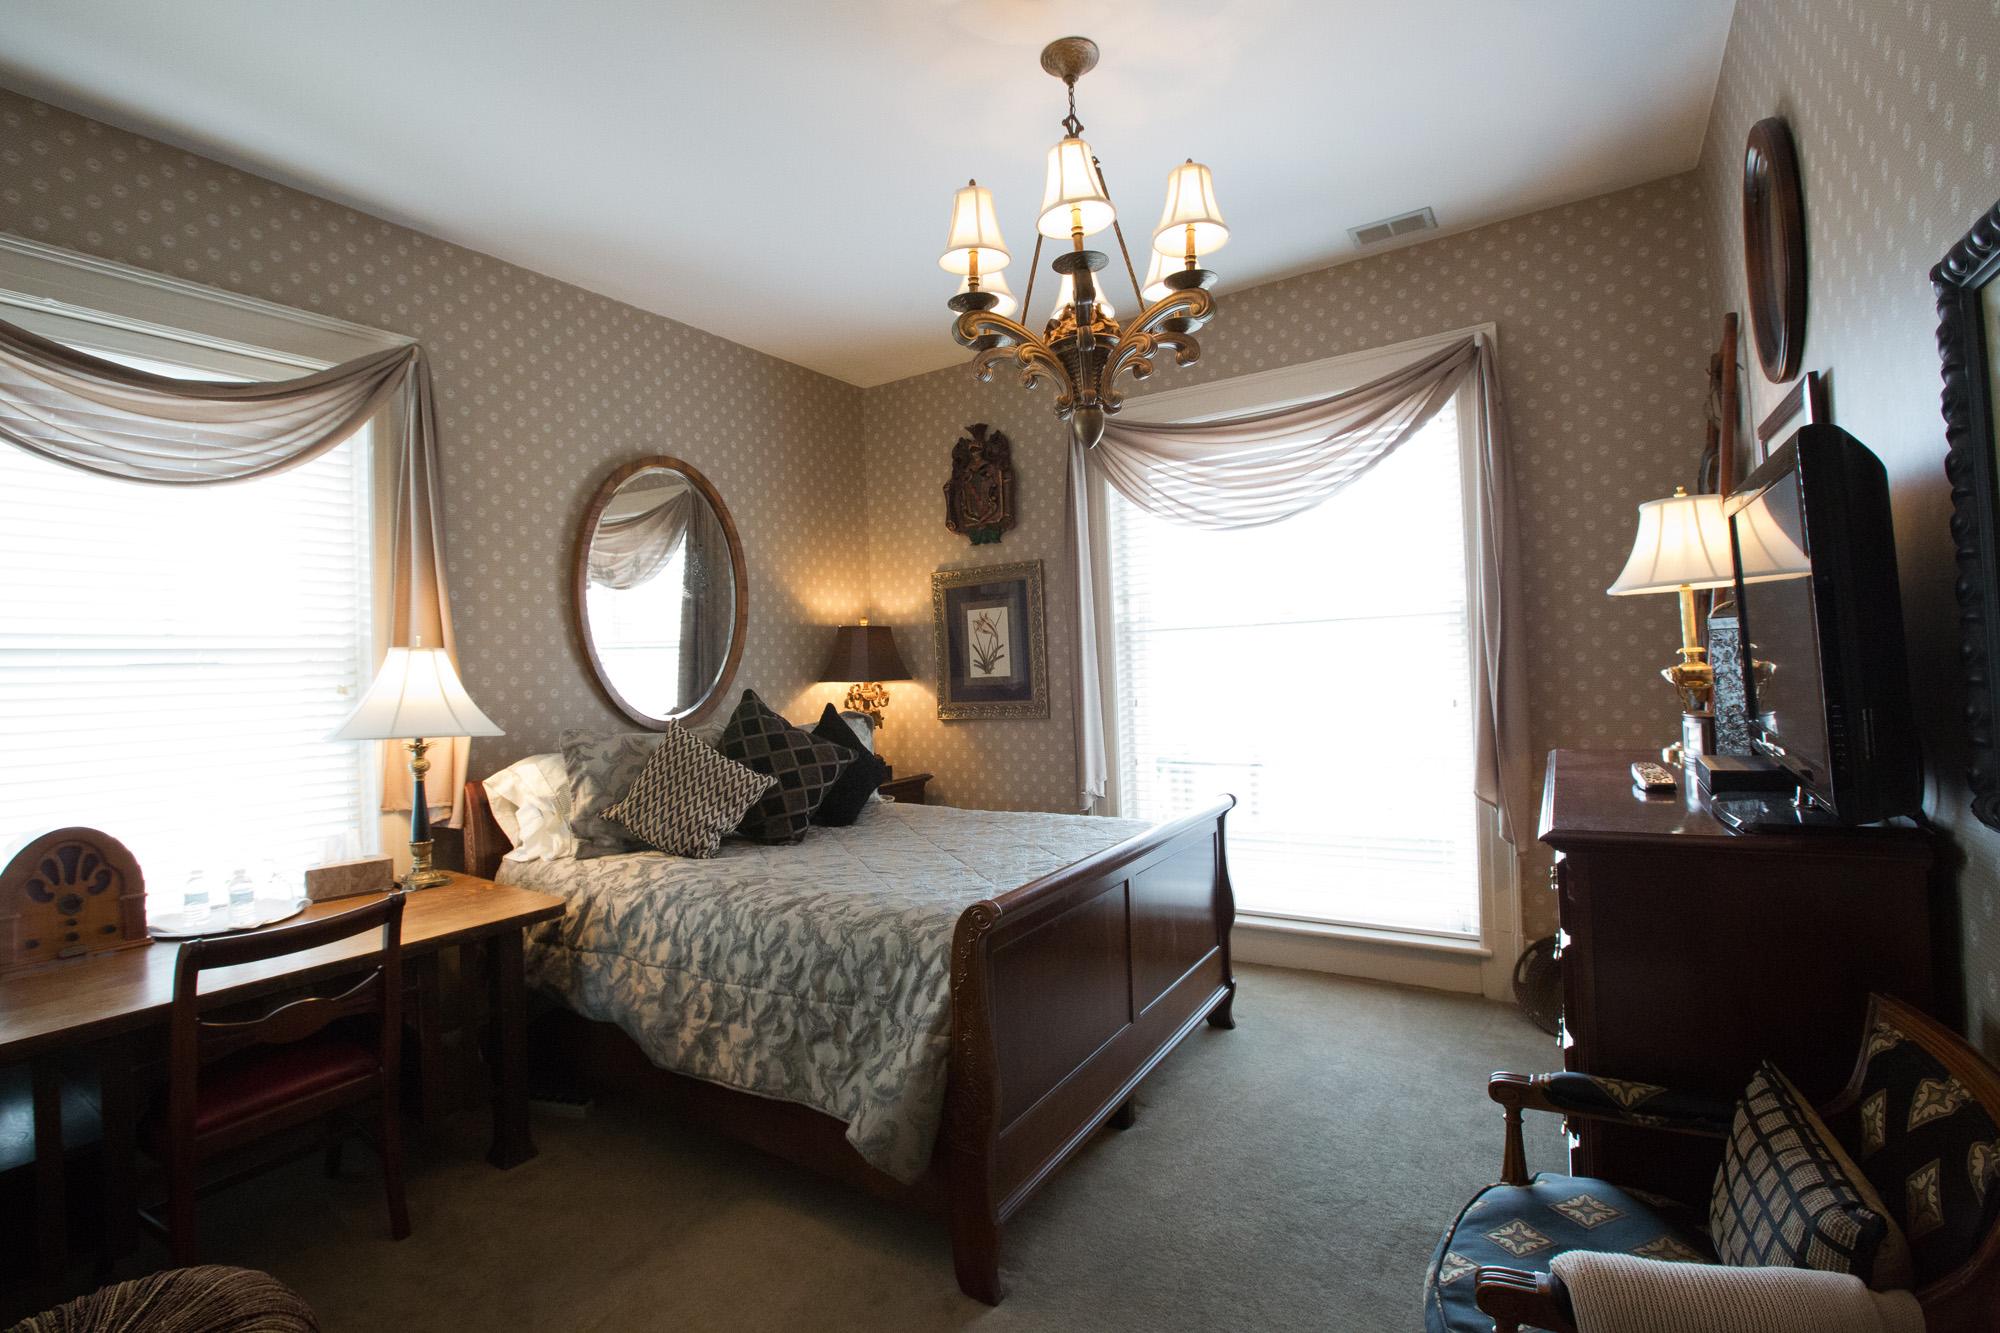 Room 4 - Single Queen Bedroom - $140 per night